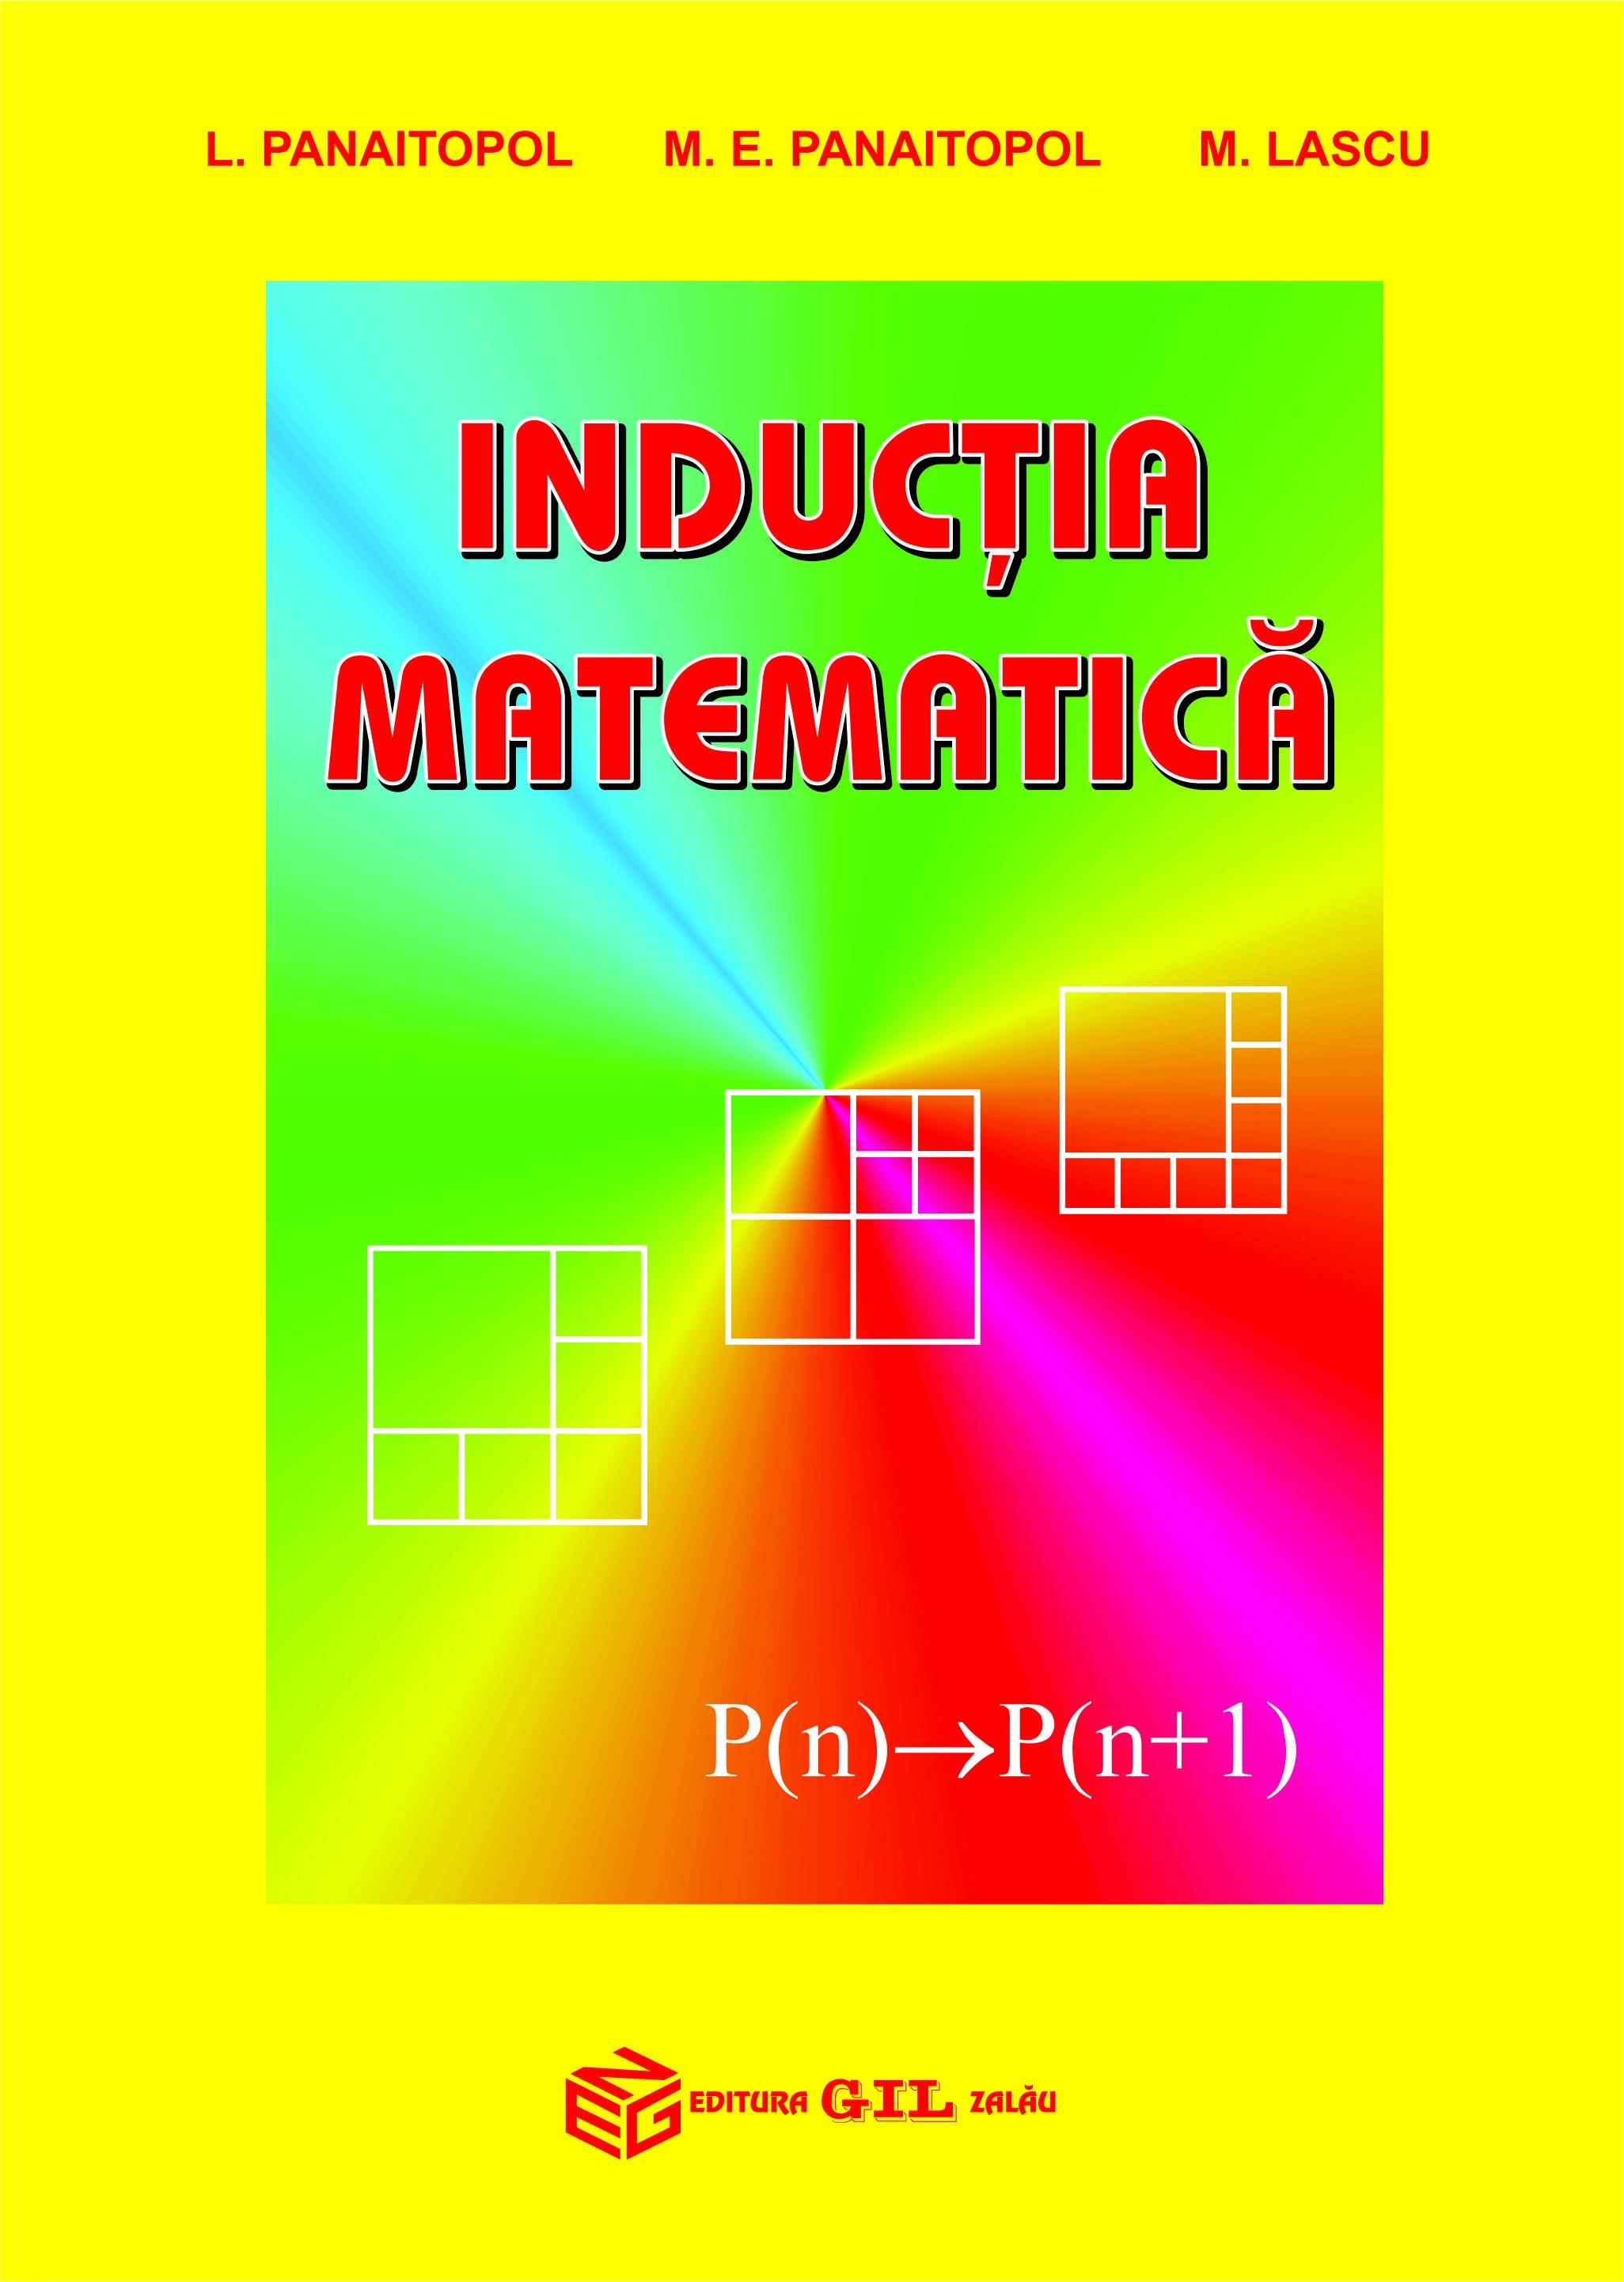 Inductia matematica